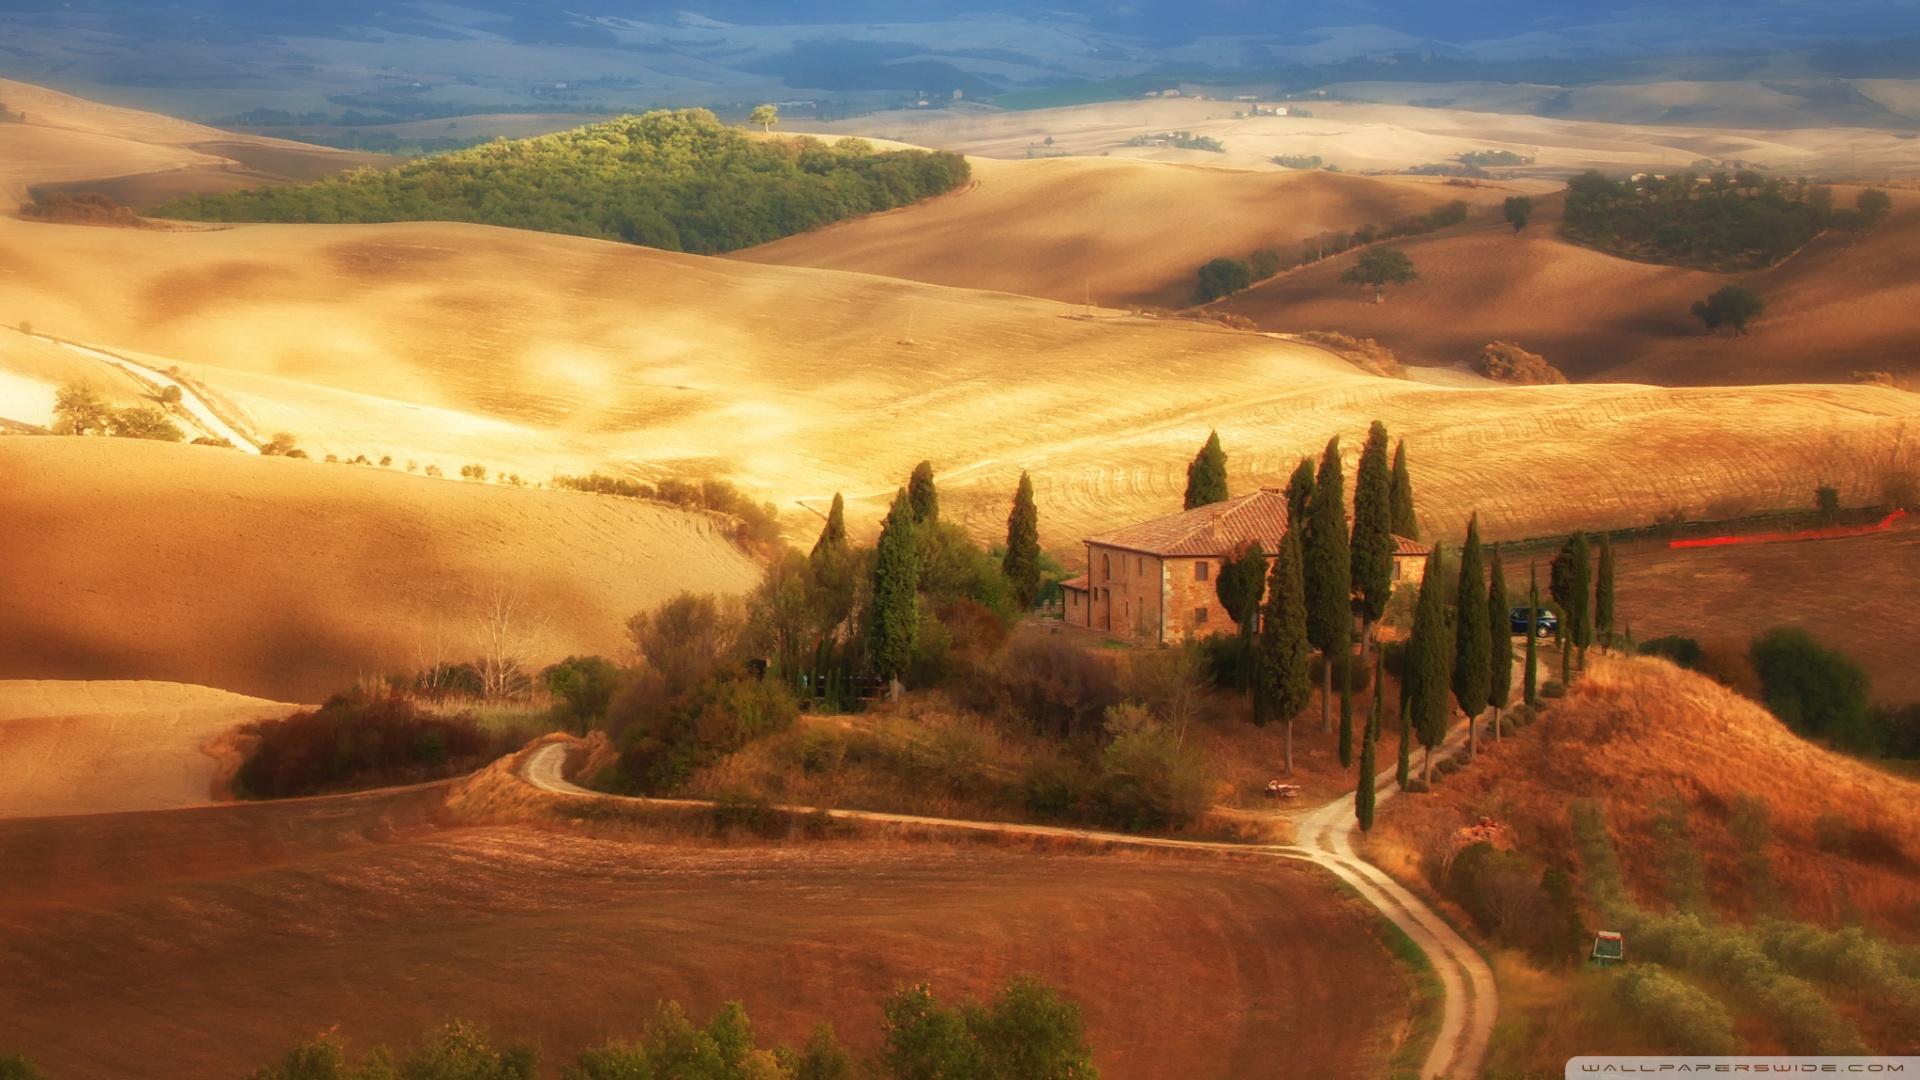 Hd Wallpapers For Mobile Free Download 480x800 Italian Landscape 4k Hd Desktop Wallpaper For 4k Ultra Hd